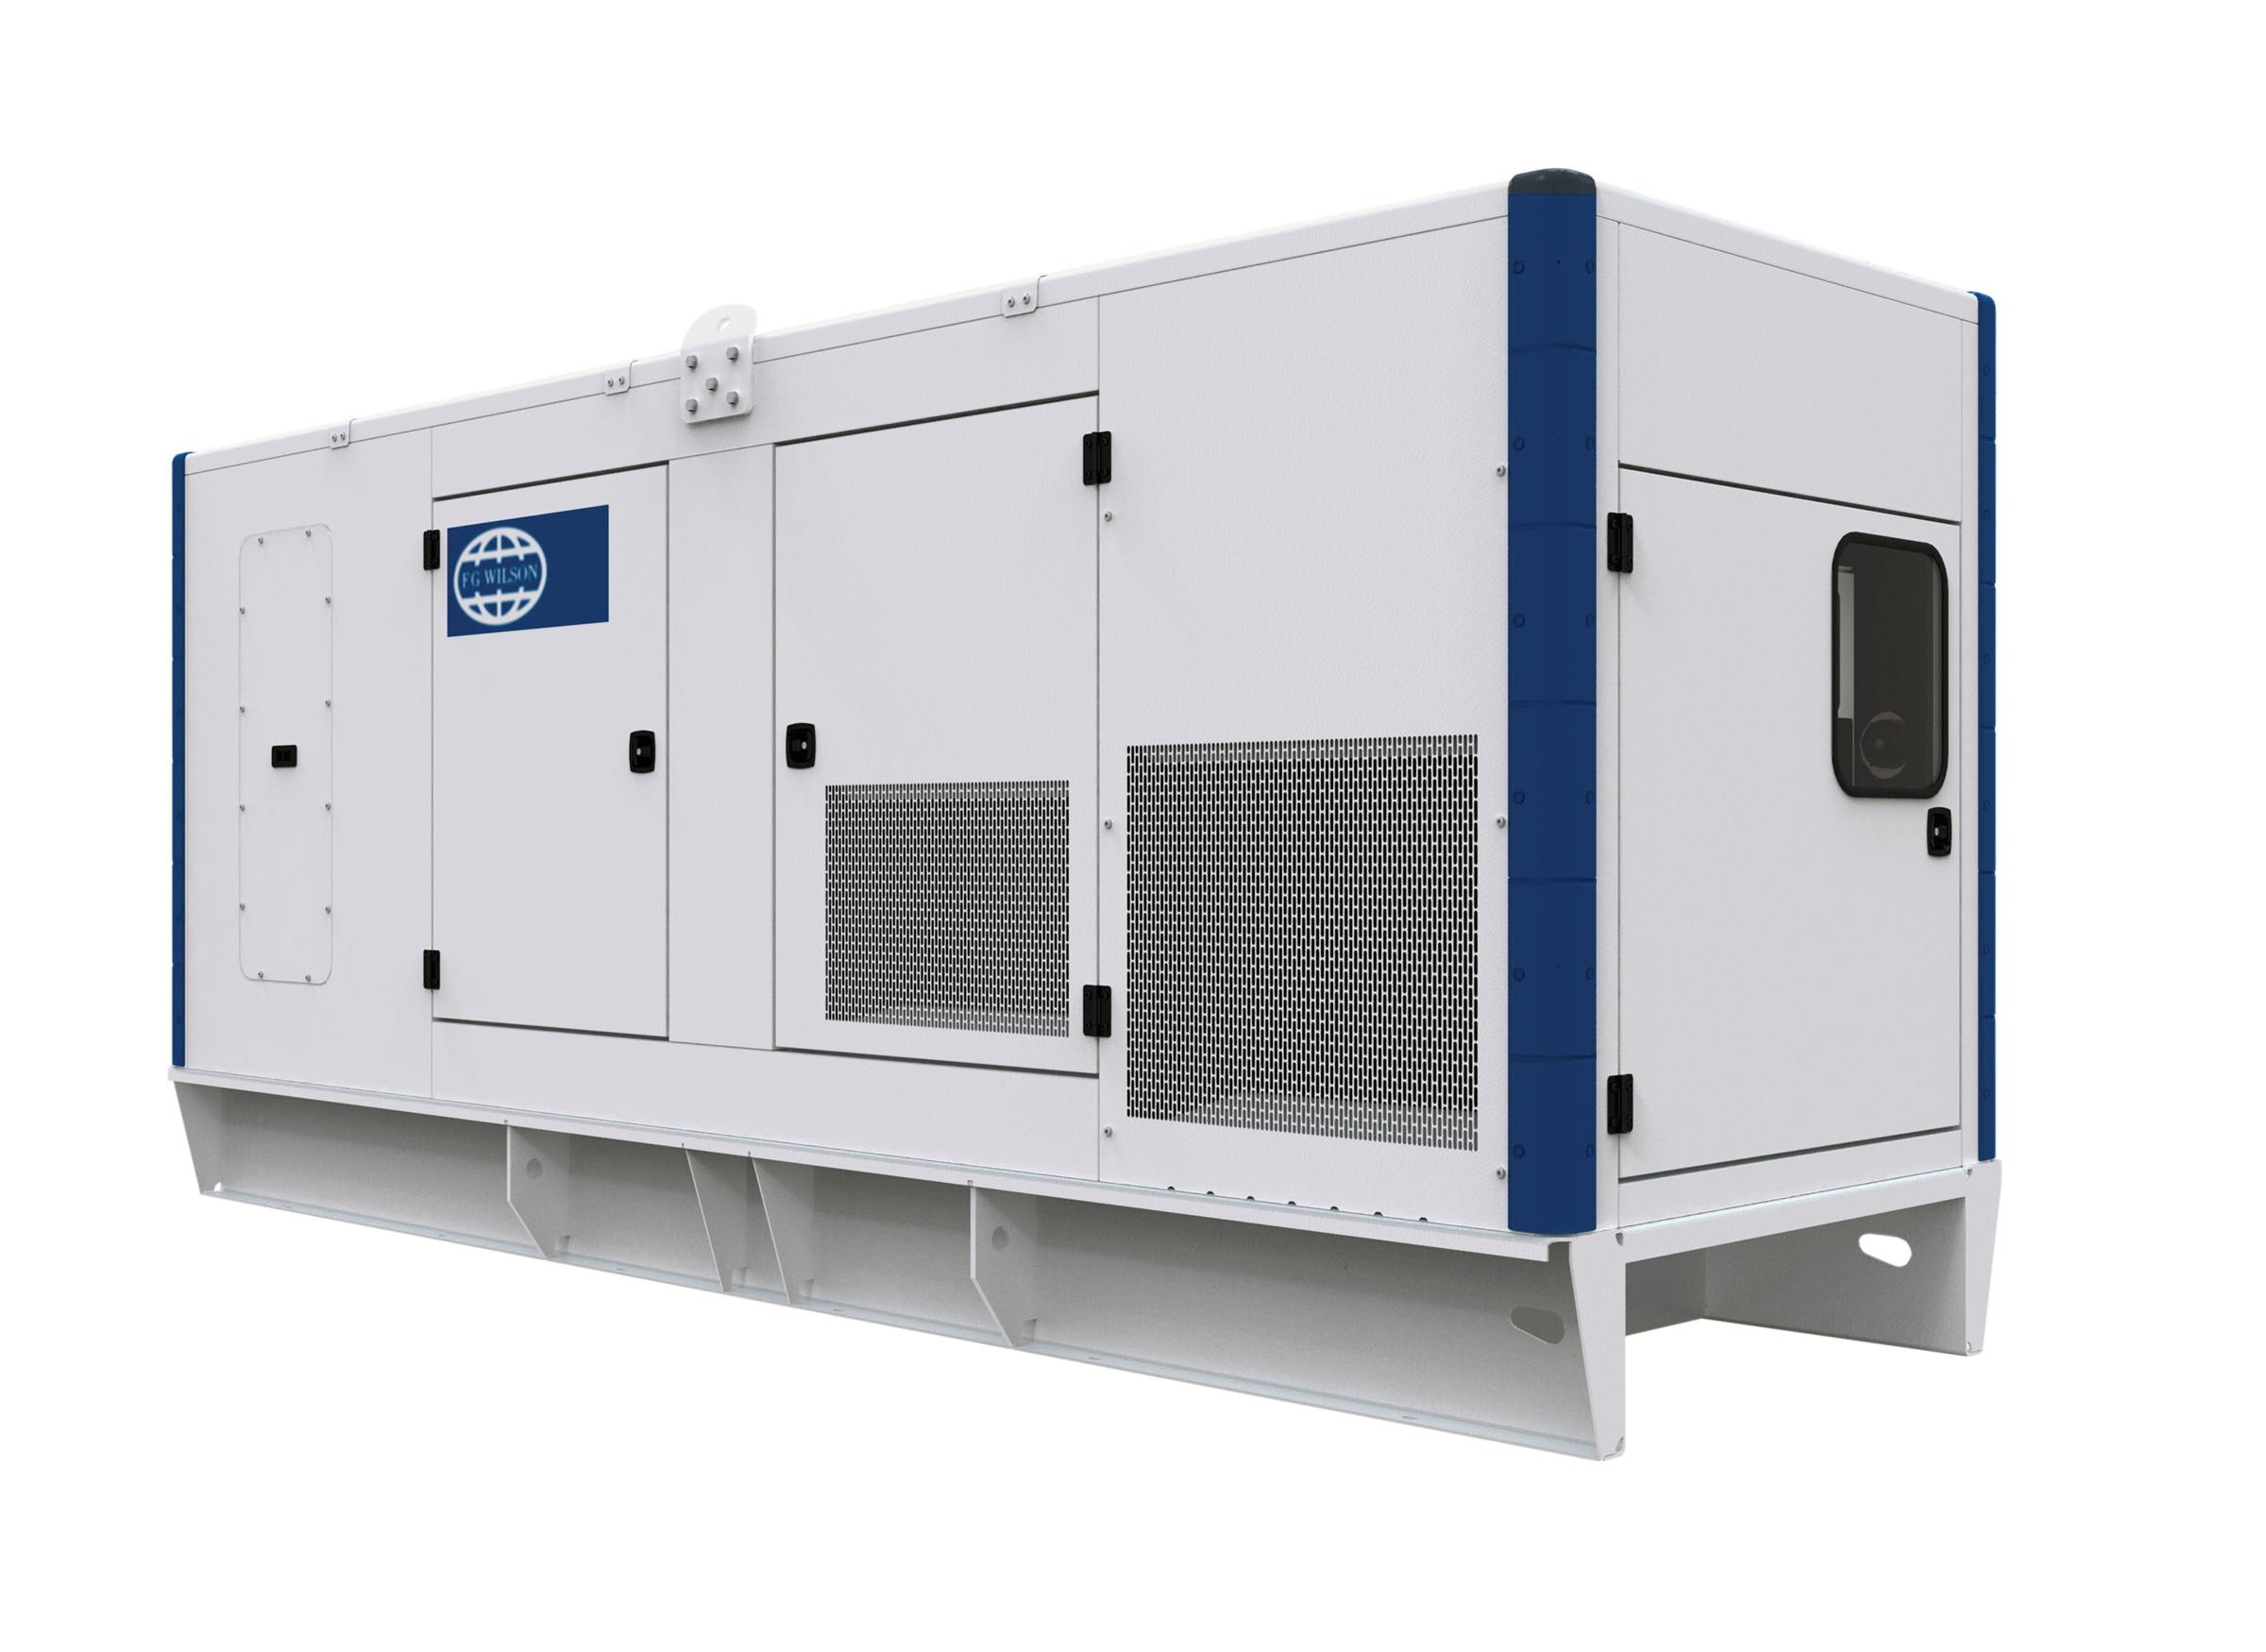 350-750 kVA Enclosure